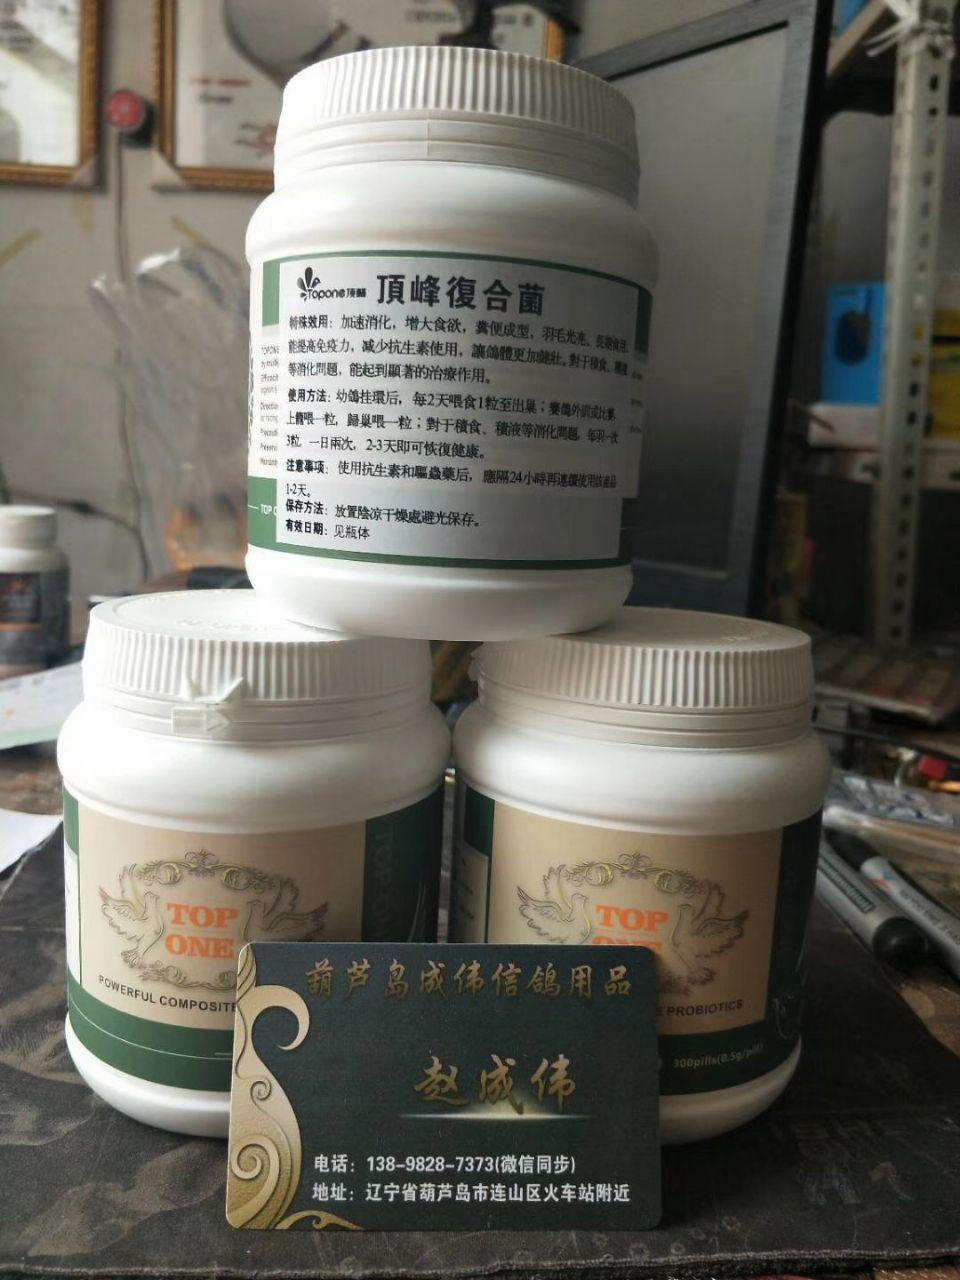 【顶峰活菌】复合活菌